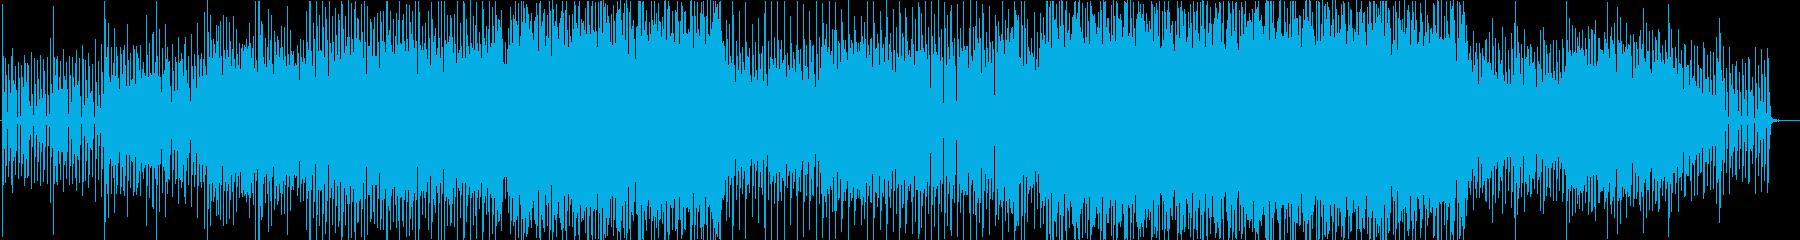 リズミカルでウキウキなウクレレの再生済みの波形